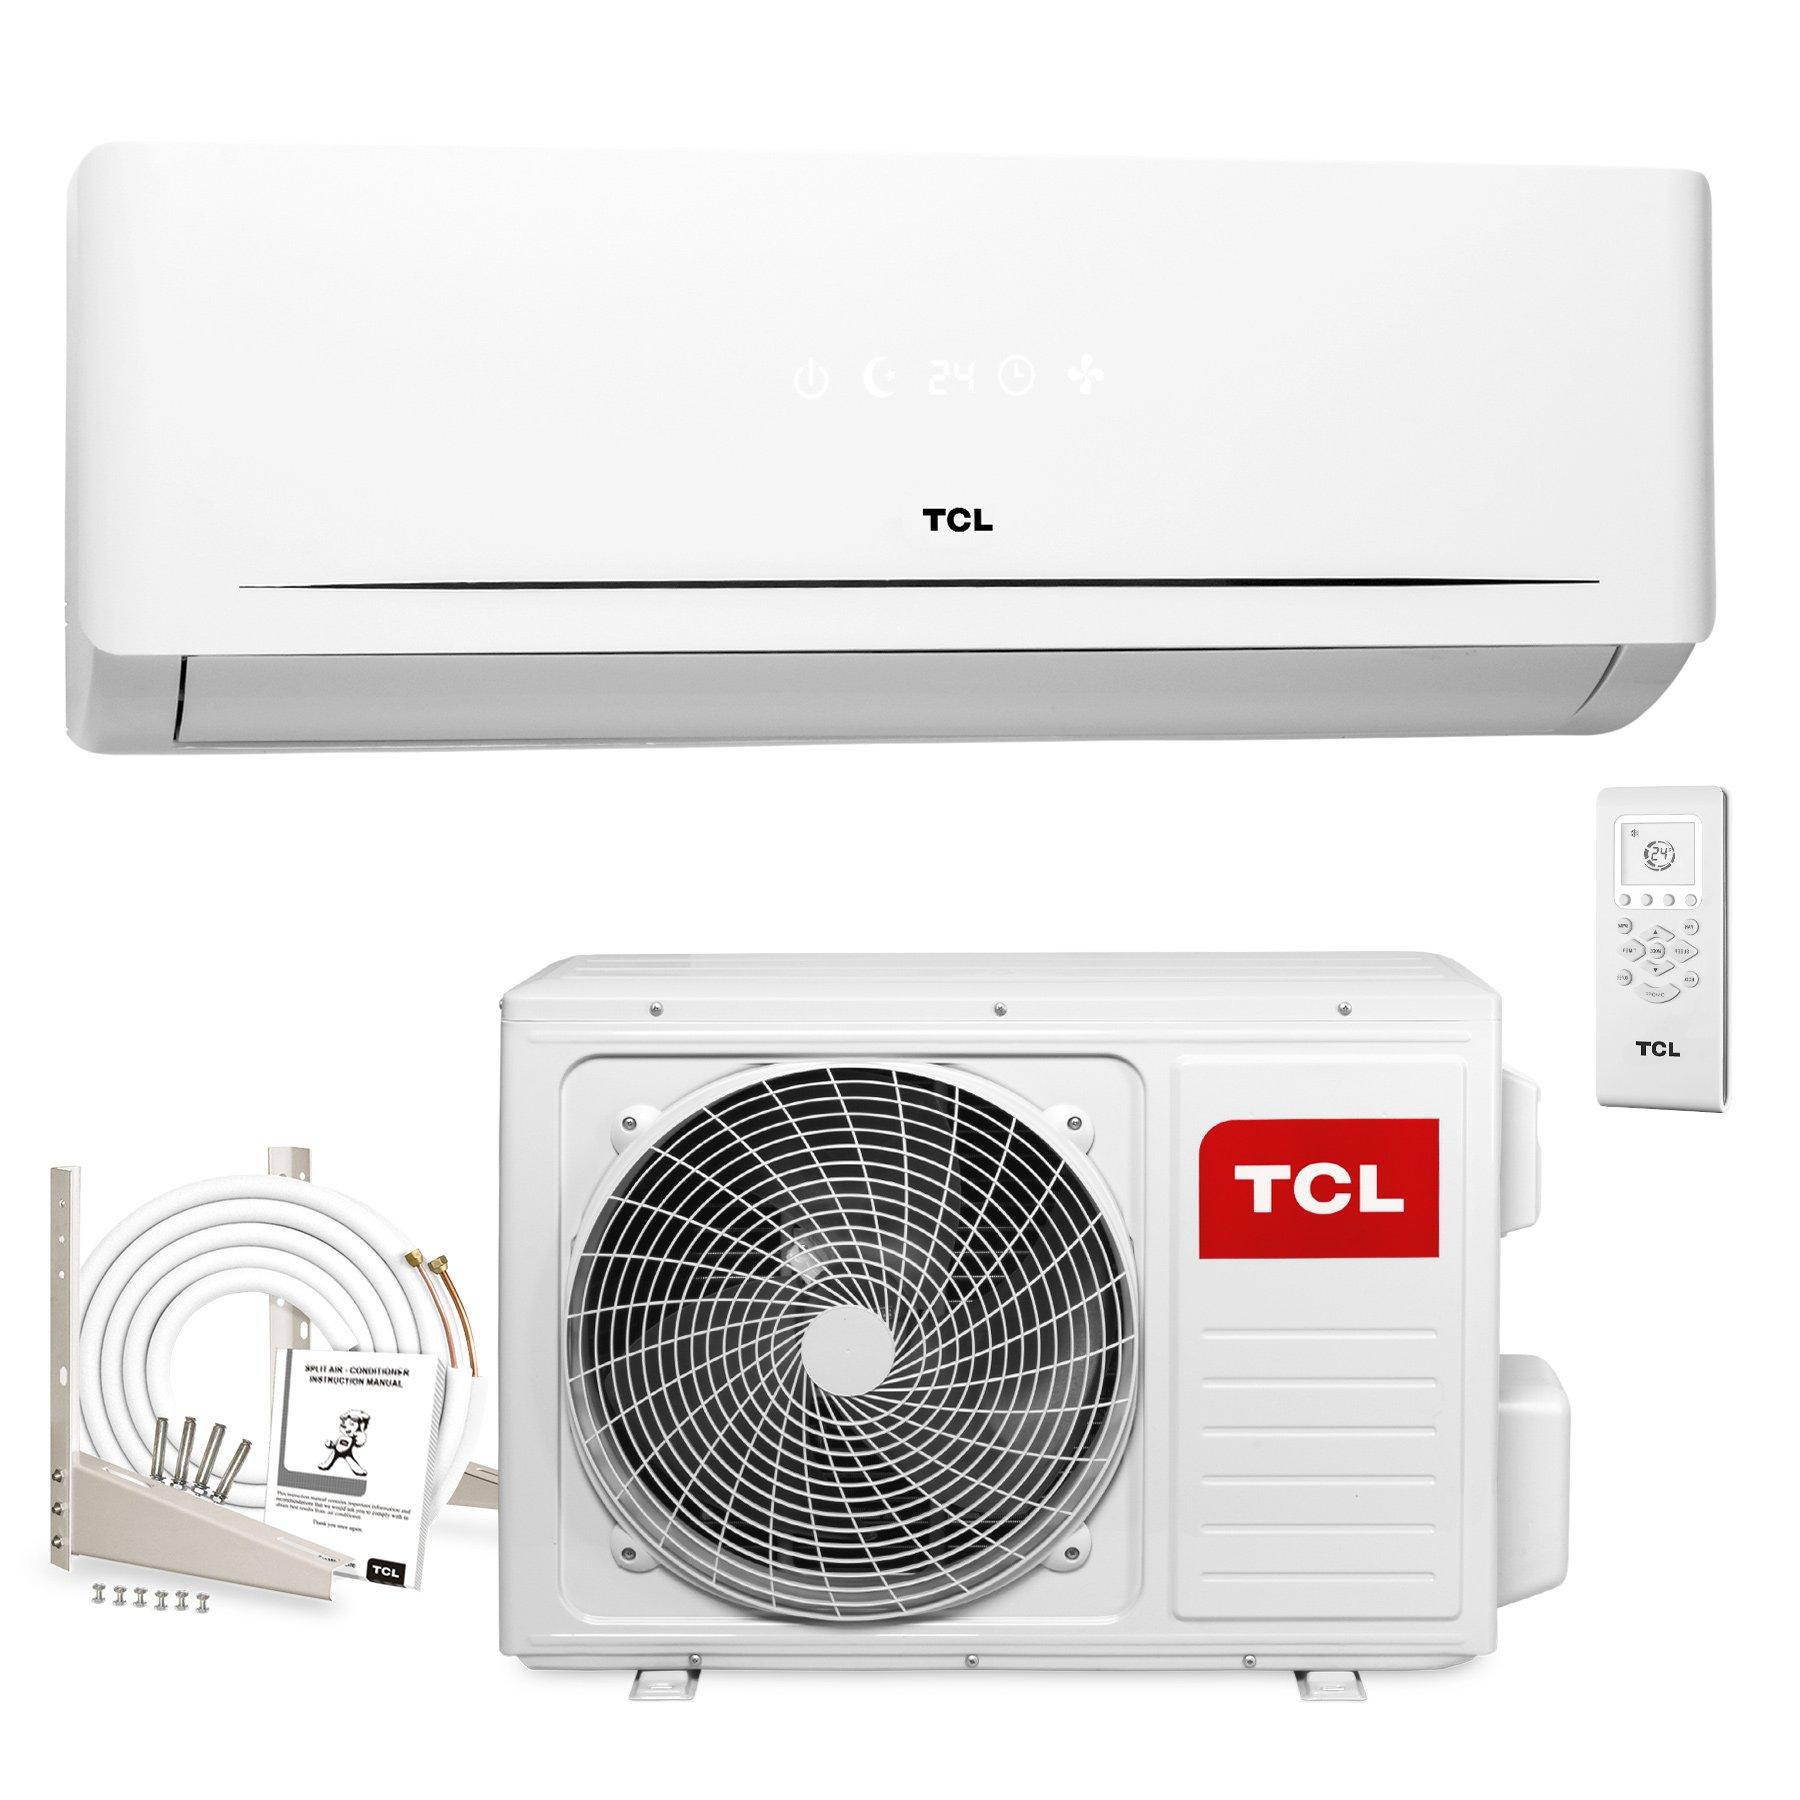 TCL Split climatizzatore modello HC, Bianco, 240.00 voltsV